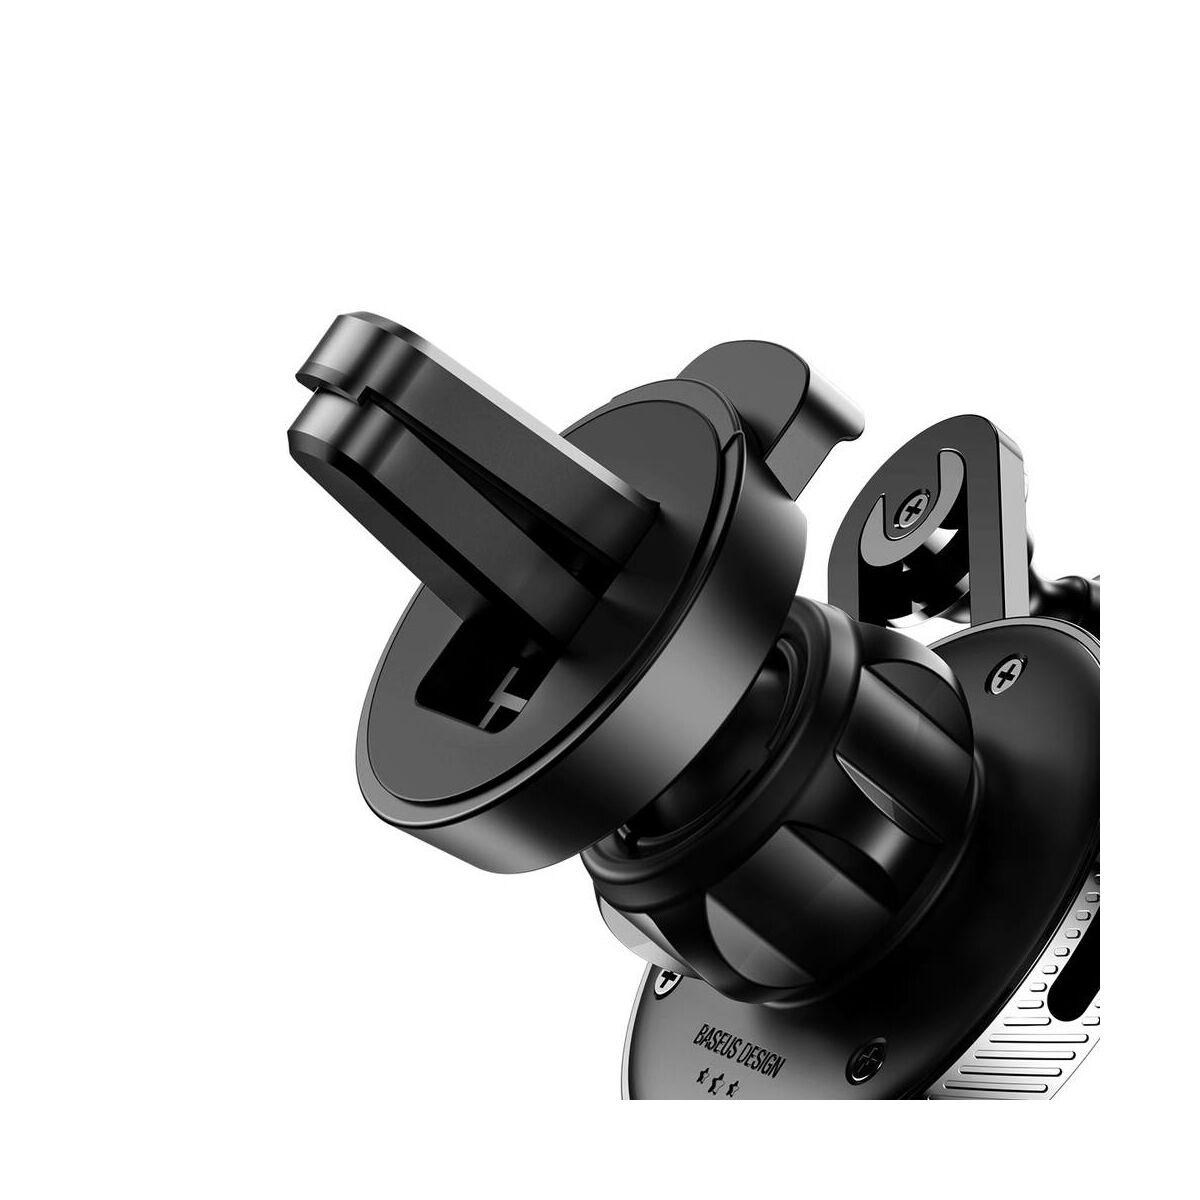 Baseus autós telefontartó, YY alakú töltő kábellel (Lightning), fekete (SULYY-01)